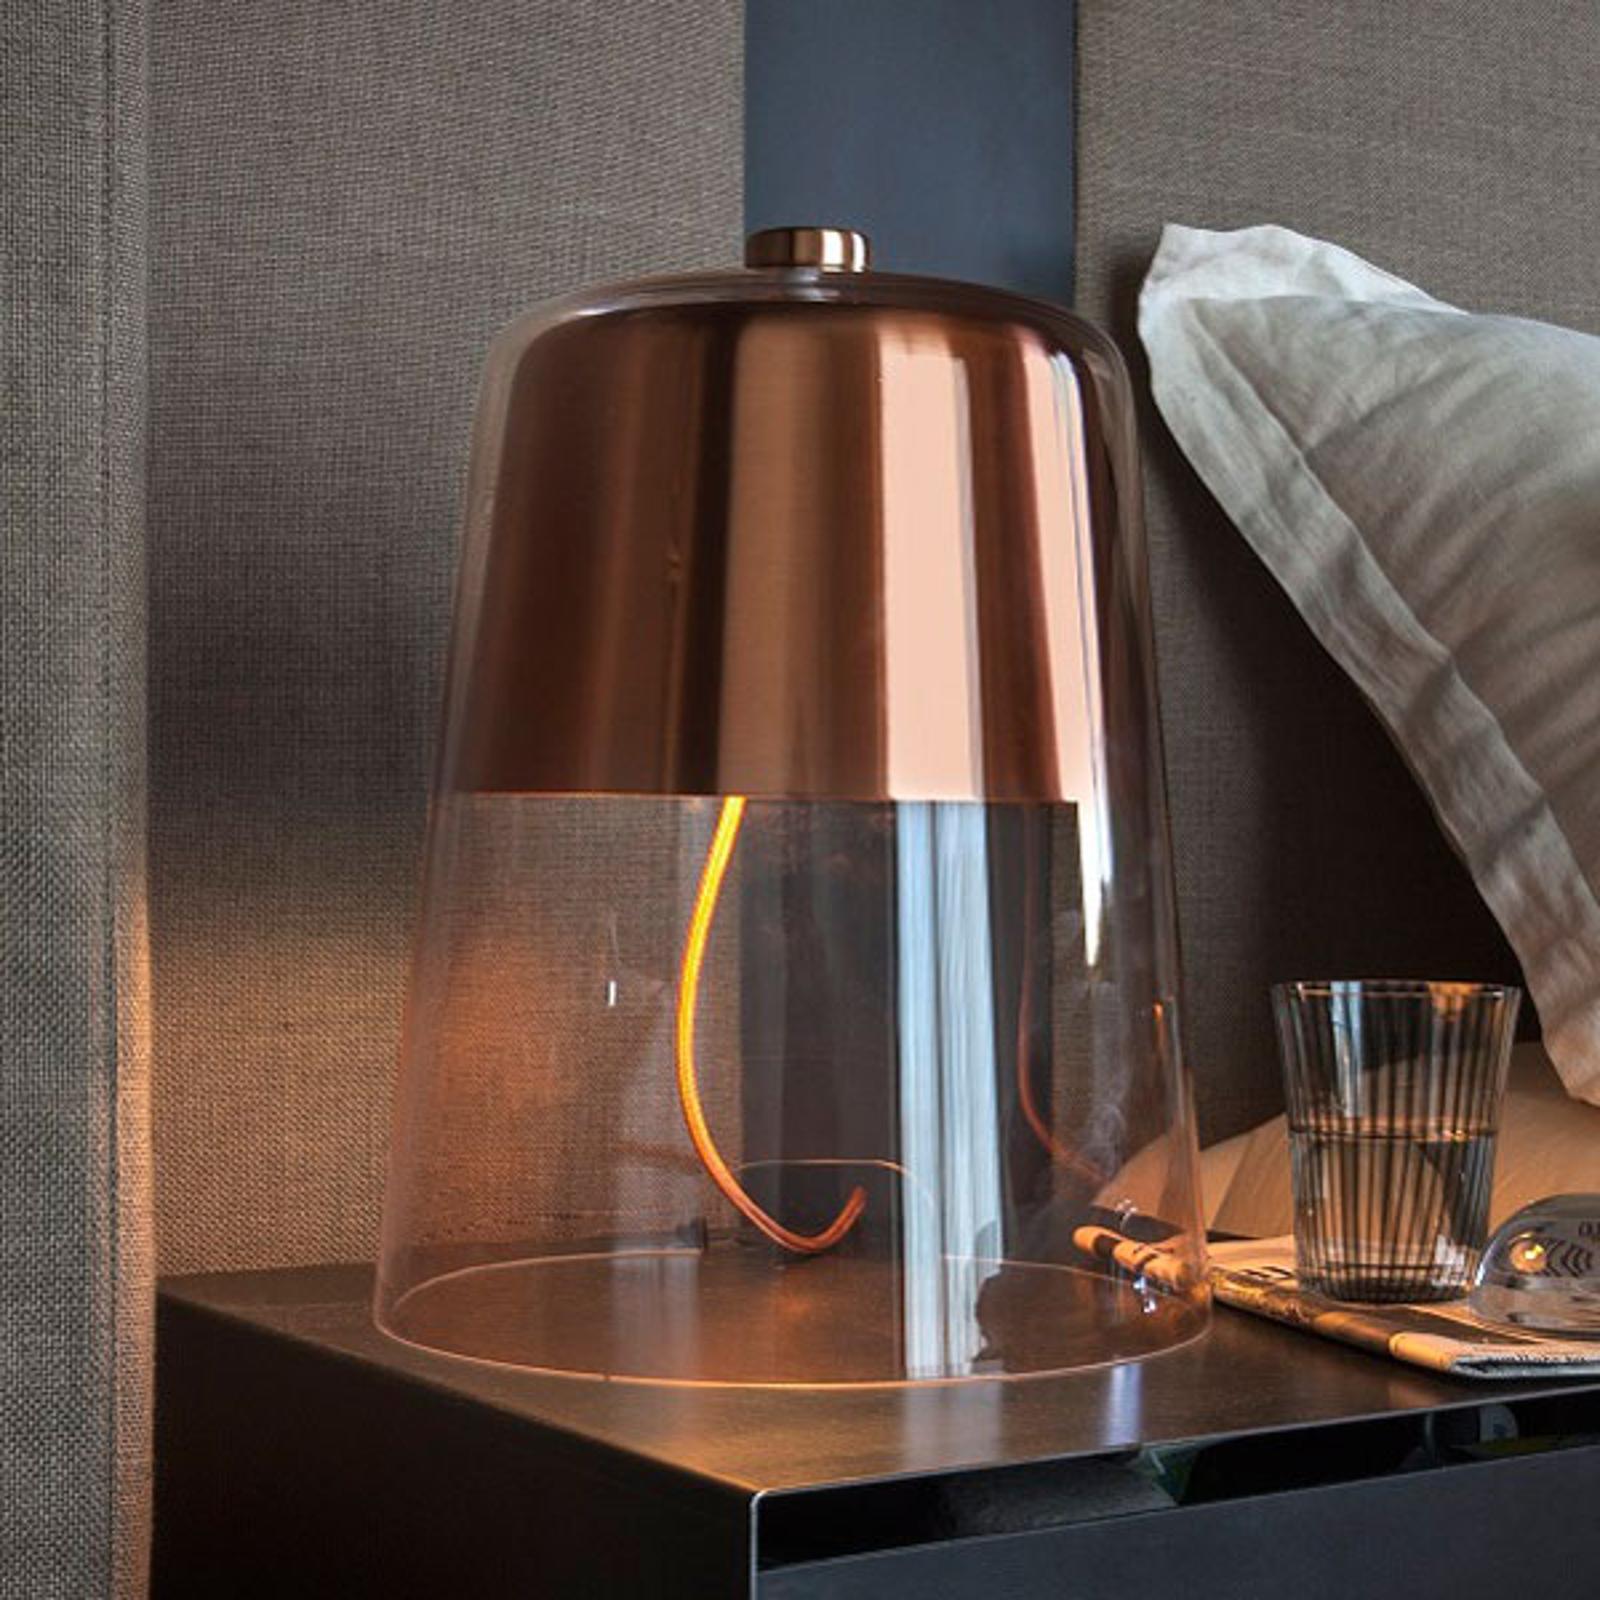 Oluce Semplice - lampe à poser dimmable, cuivre